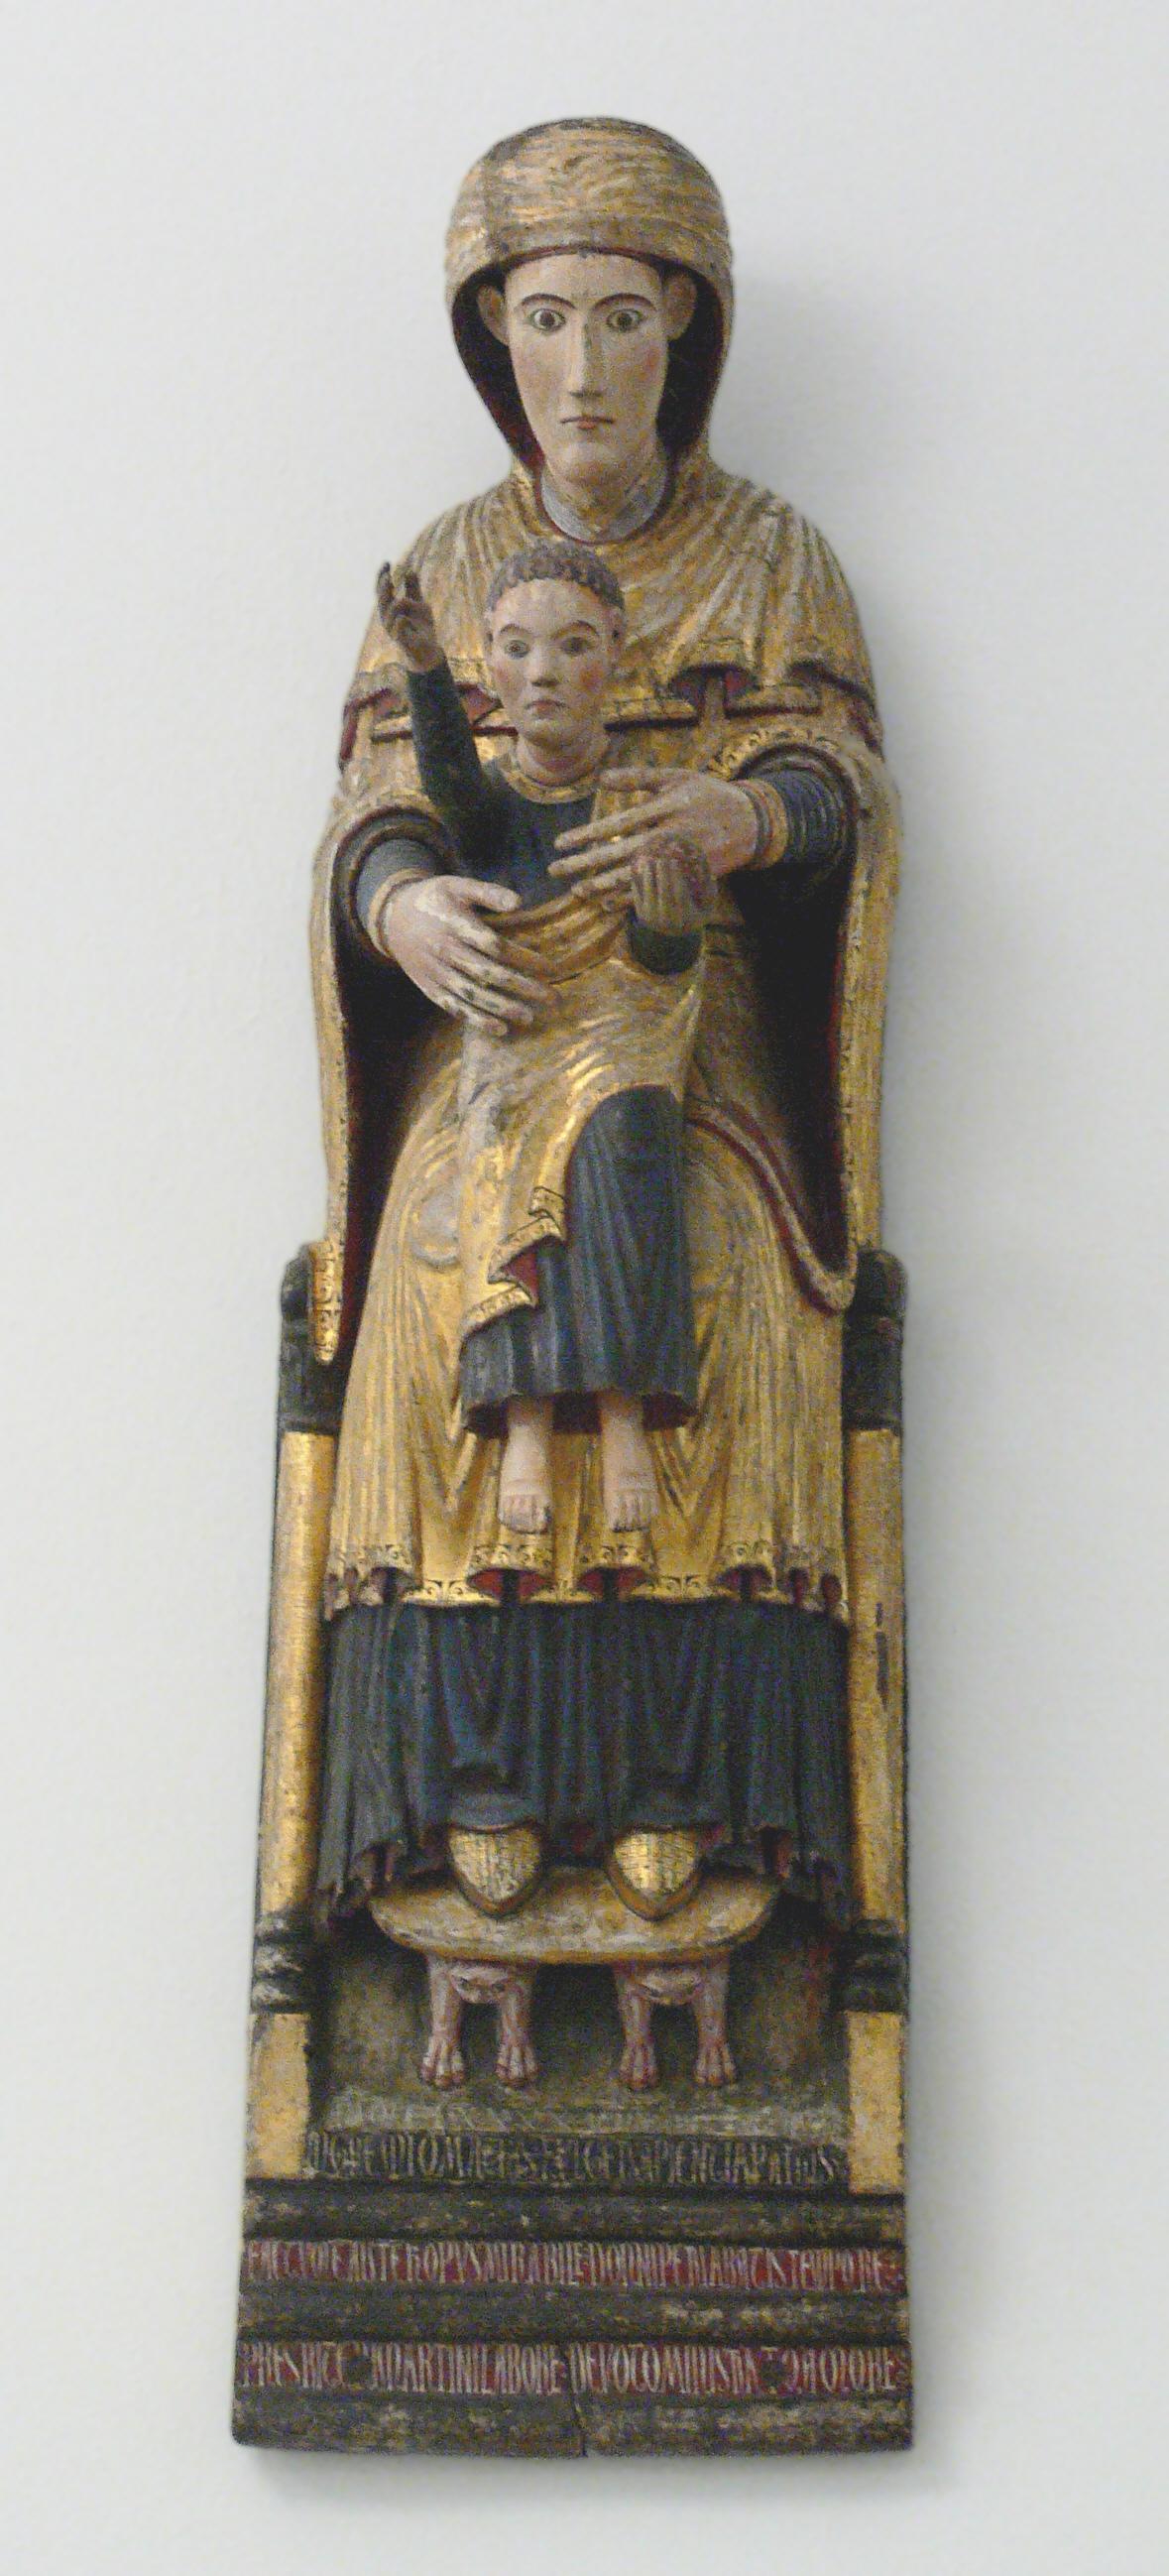 Presbyter_Martinus_Madonna_als_Sedes_Sapientiae